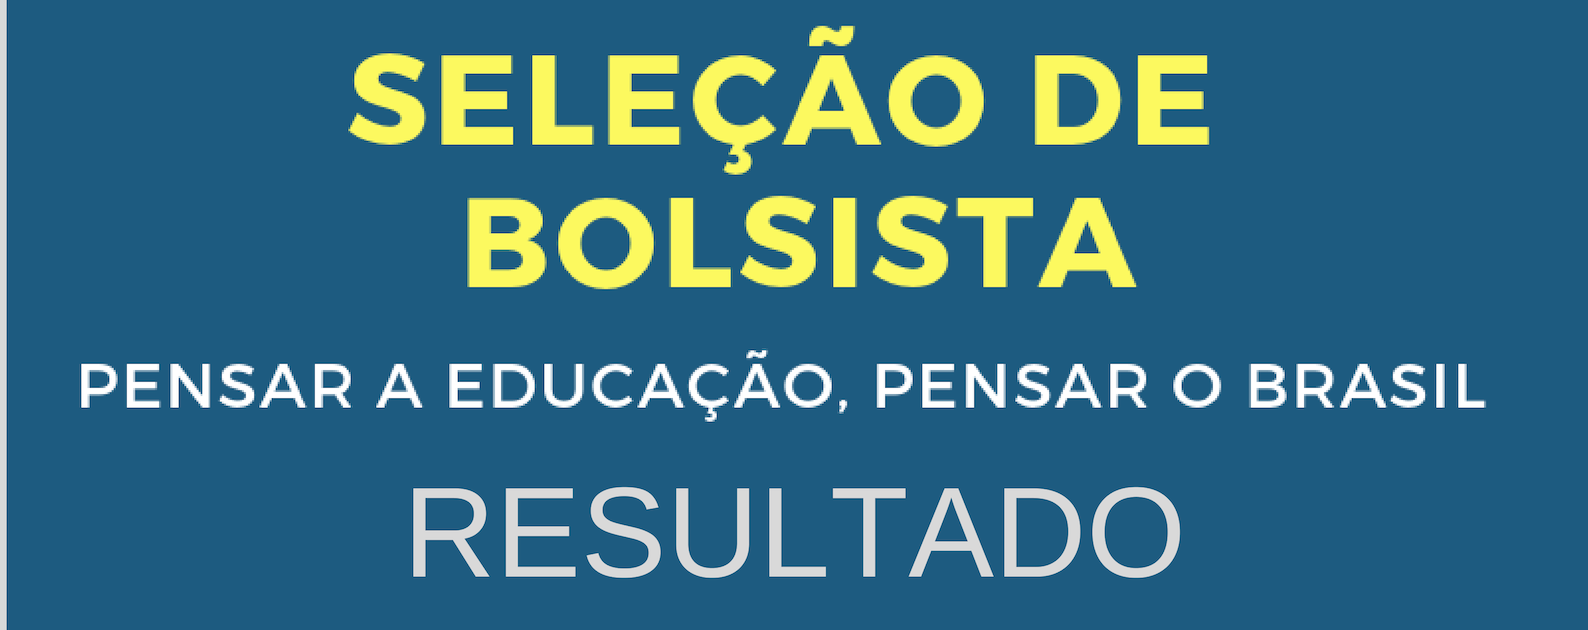 Seleção De Bolsistas 2019 – Resultado